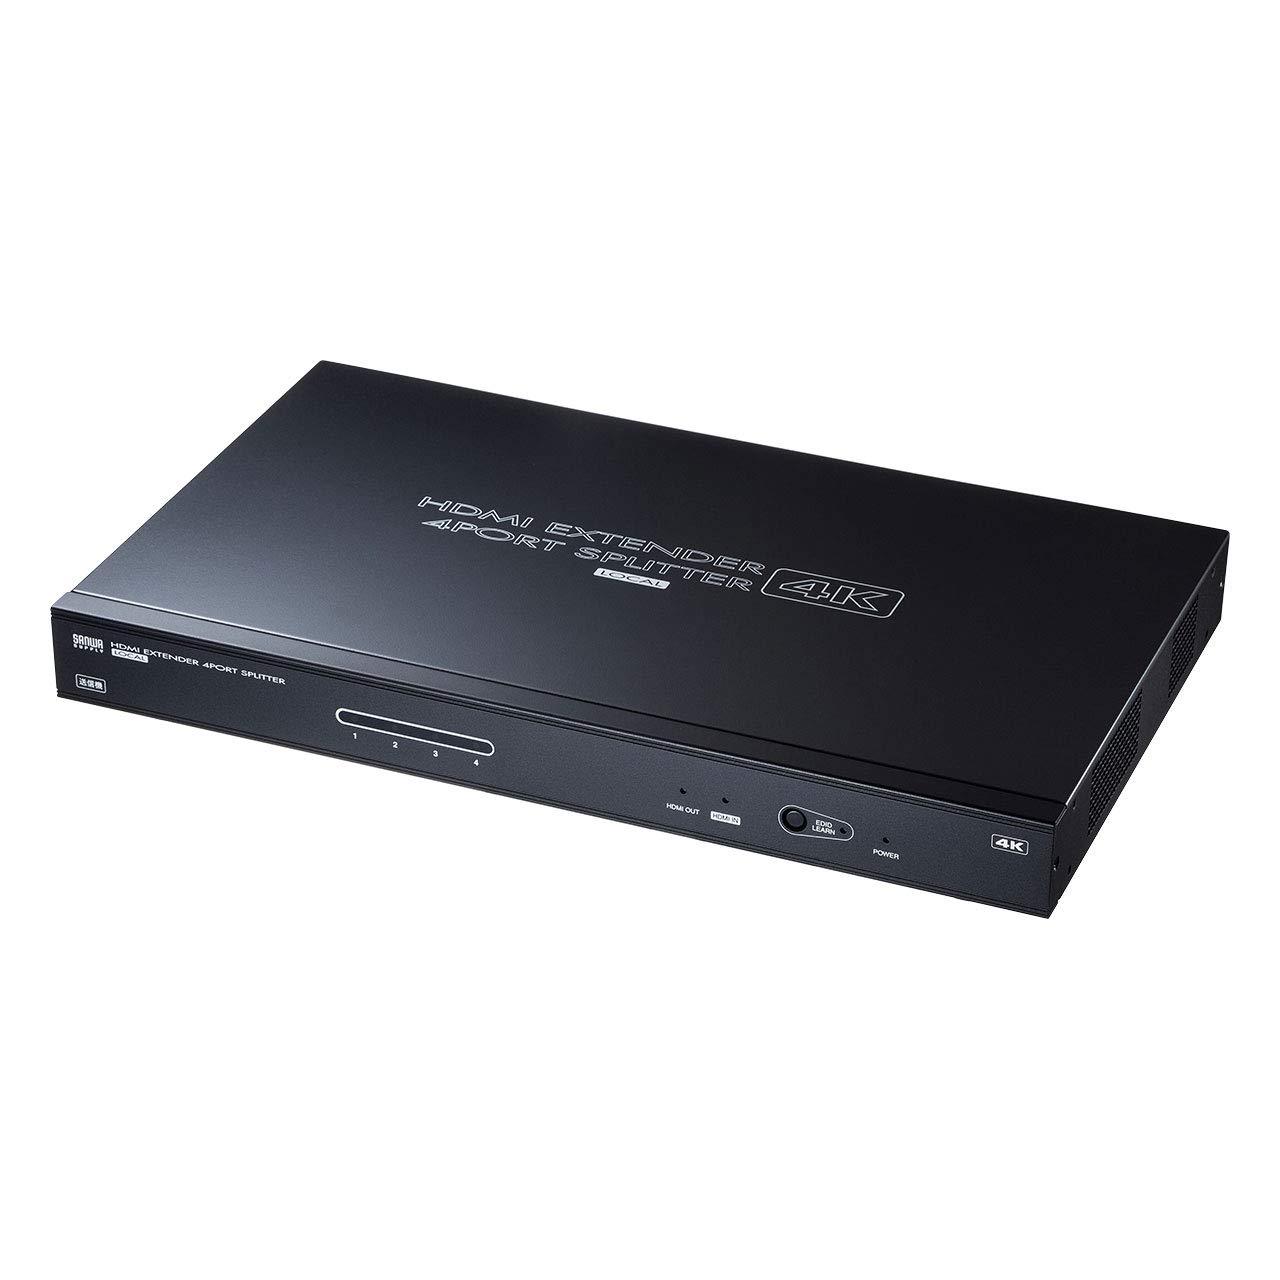 想像を超えての サンワサプライ VGA-EXHDLTL4 VGA-EXHDLTL4 HDMIエクステンダー(送信機4分配) B07NPMD5N5 B07NPMD5N5, SEEK:a2c71da0 --- arianechie.dominiotemporario.com